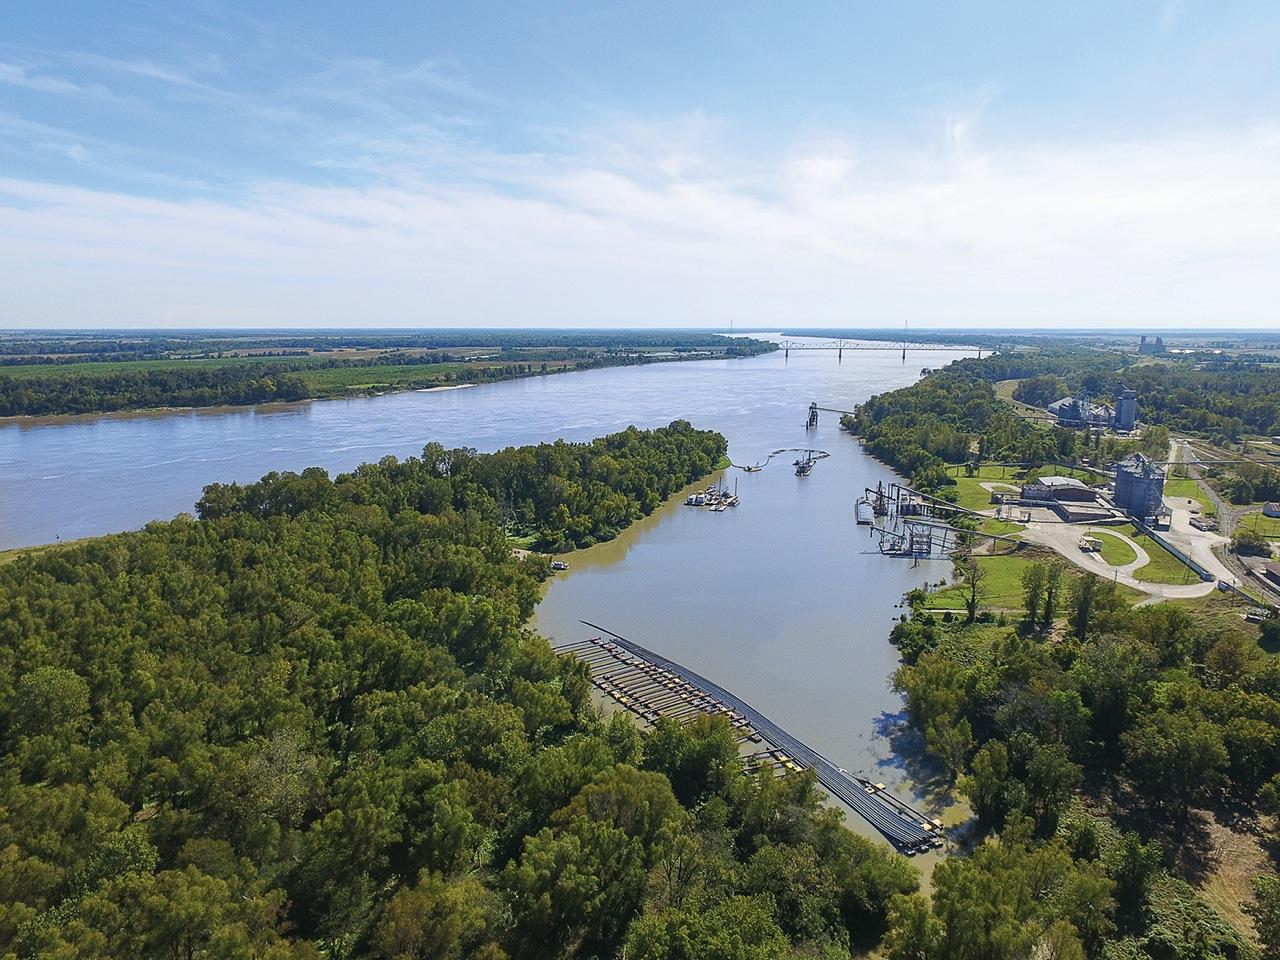 Helena's Mississippi River Bridge